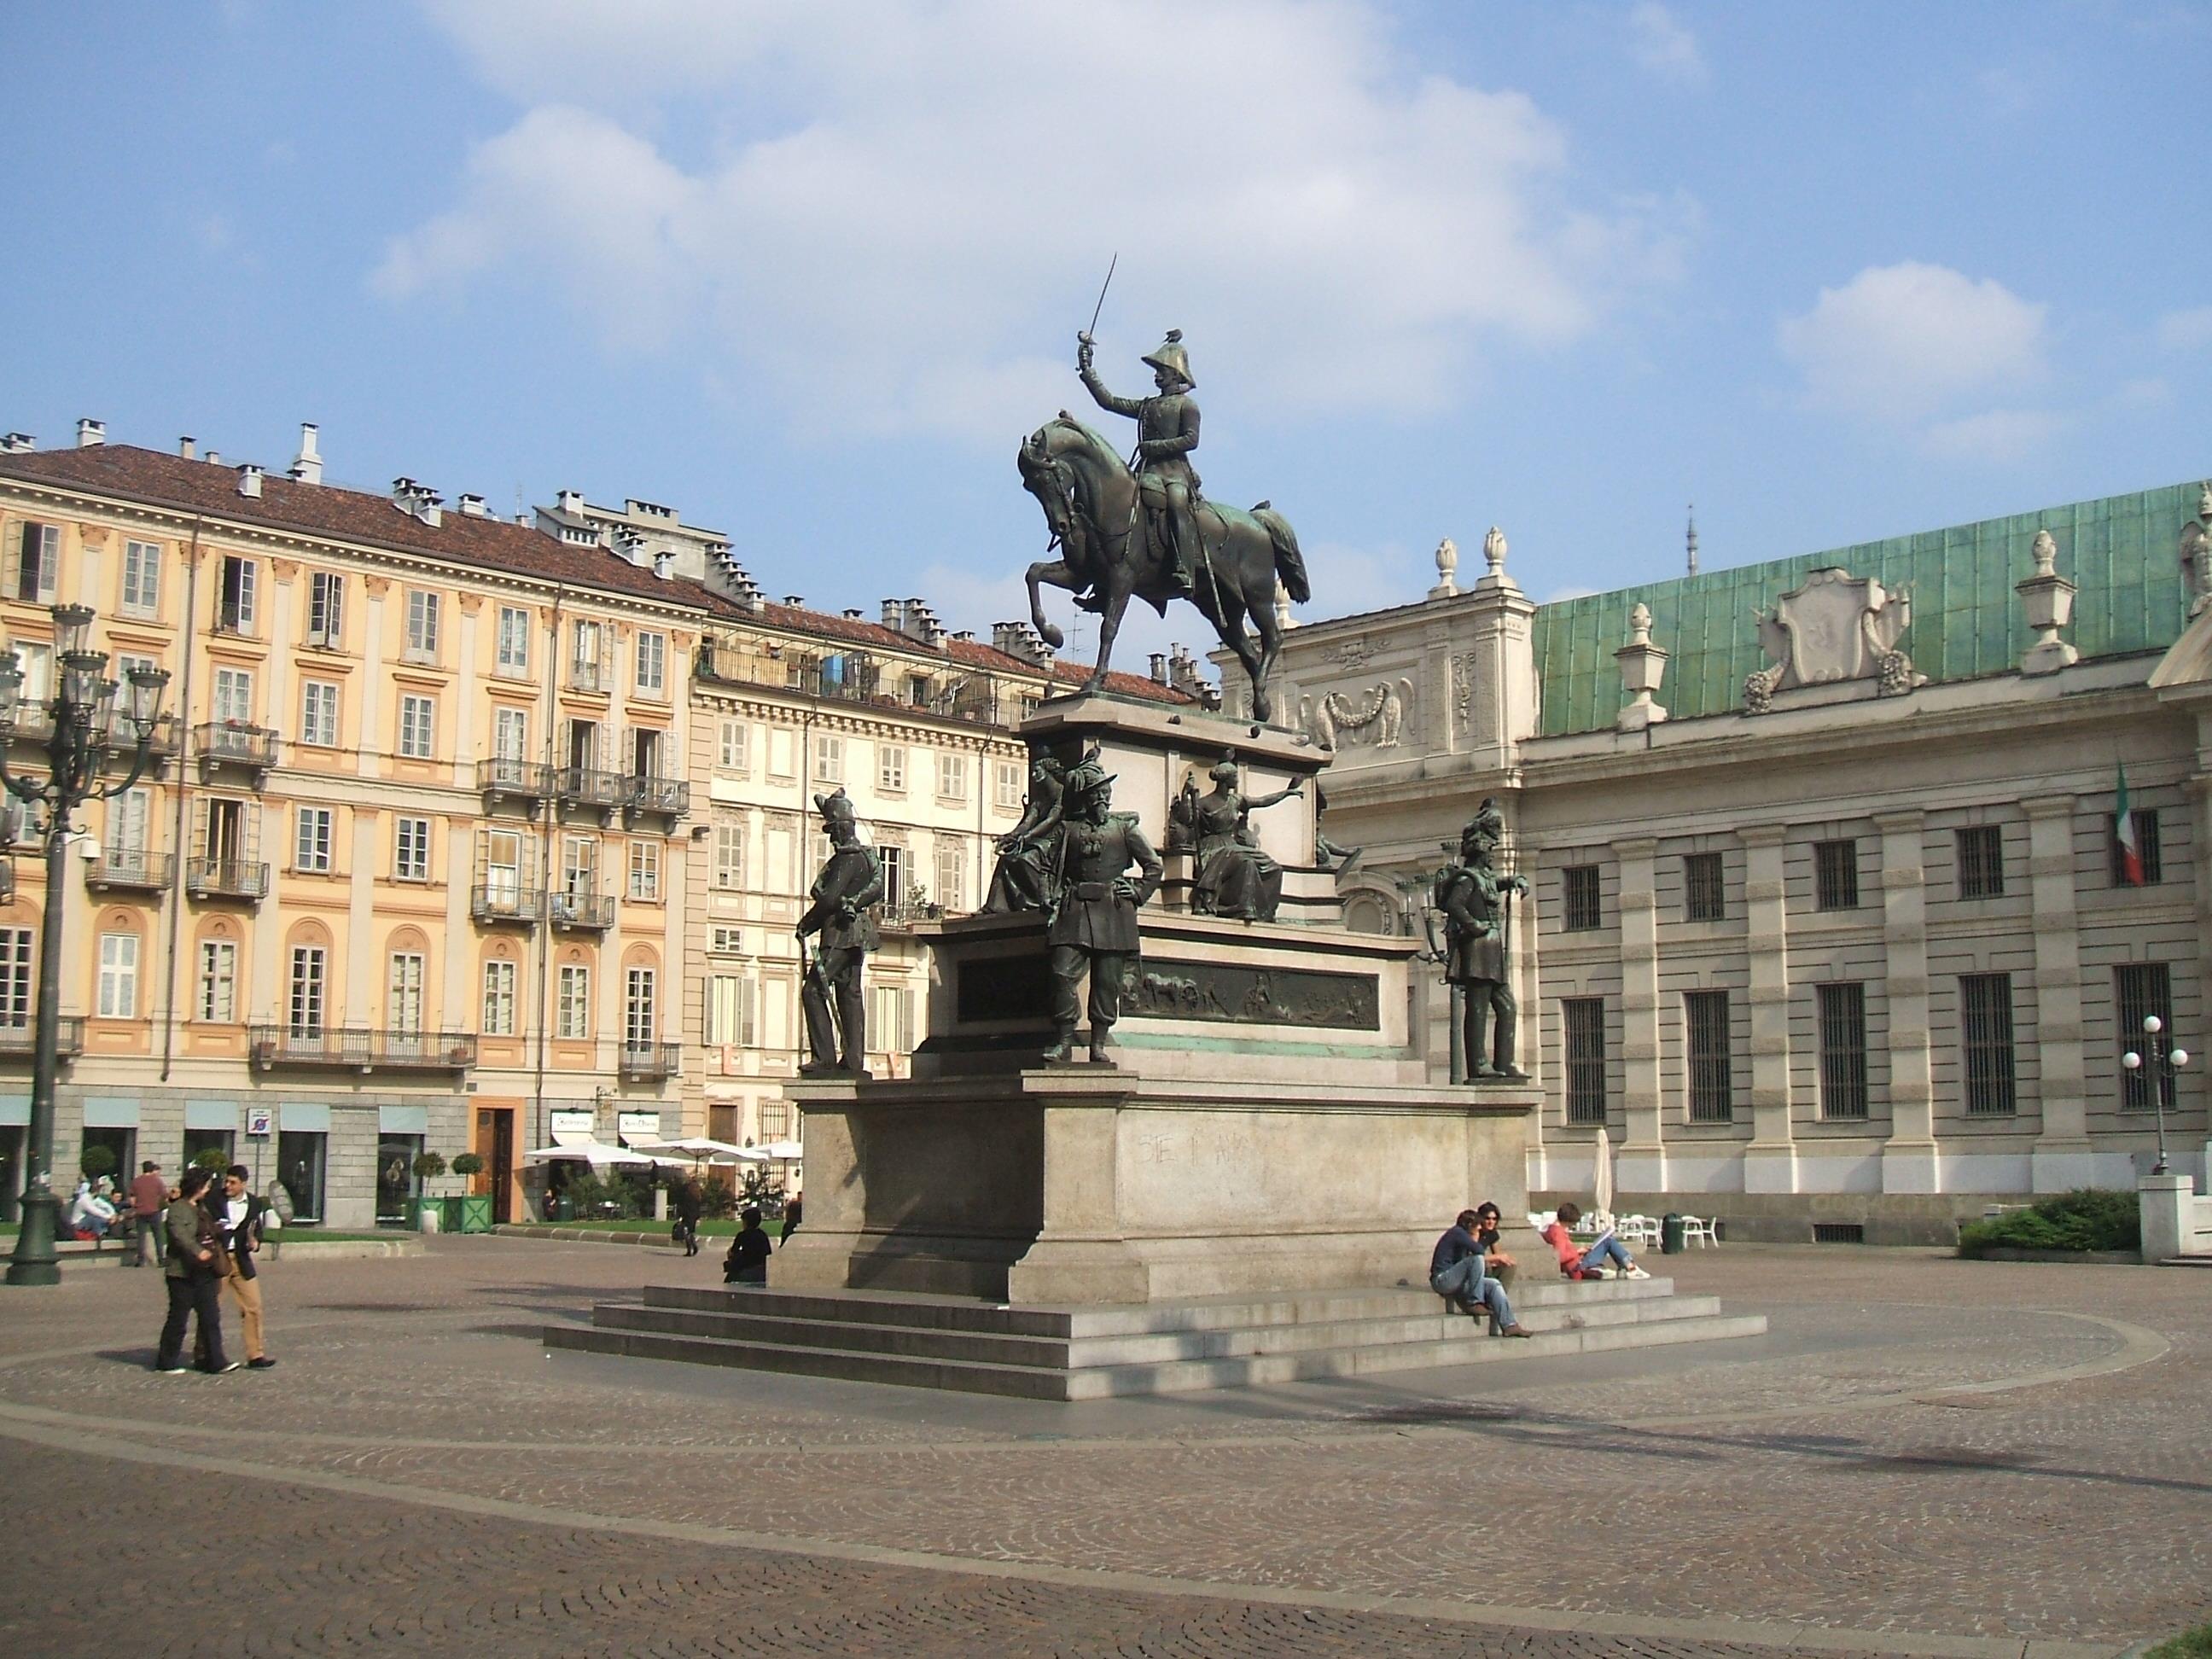 トリノに来たら絶対見ておきたい美しい広場(Piazza)巡り5選